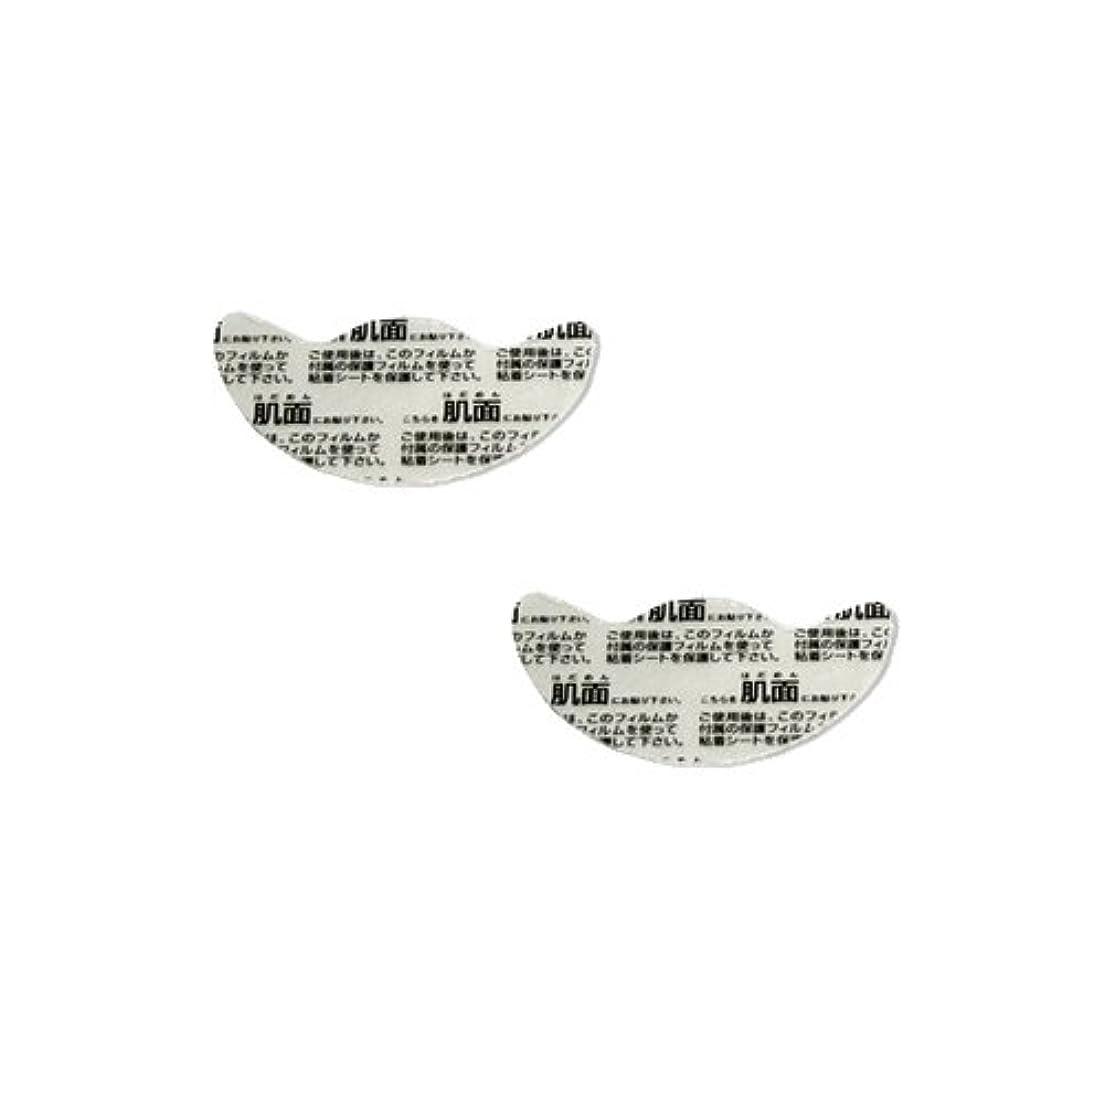 流行している簡略化するうれしいナール超音波EMS美顔器 小顔ナール(Kogao NARL) 交換用粘着シート 2枚入(2枚×1組)